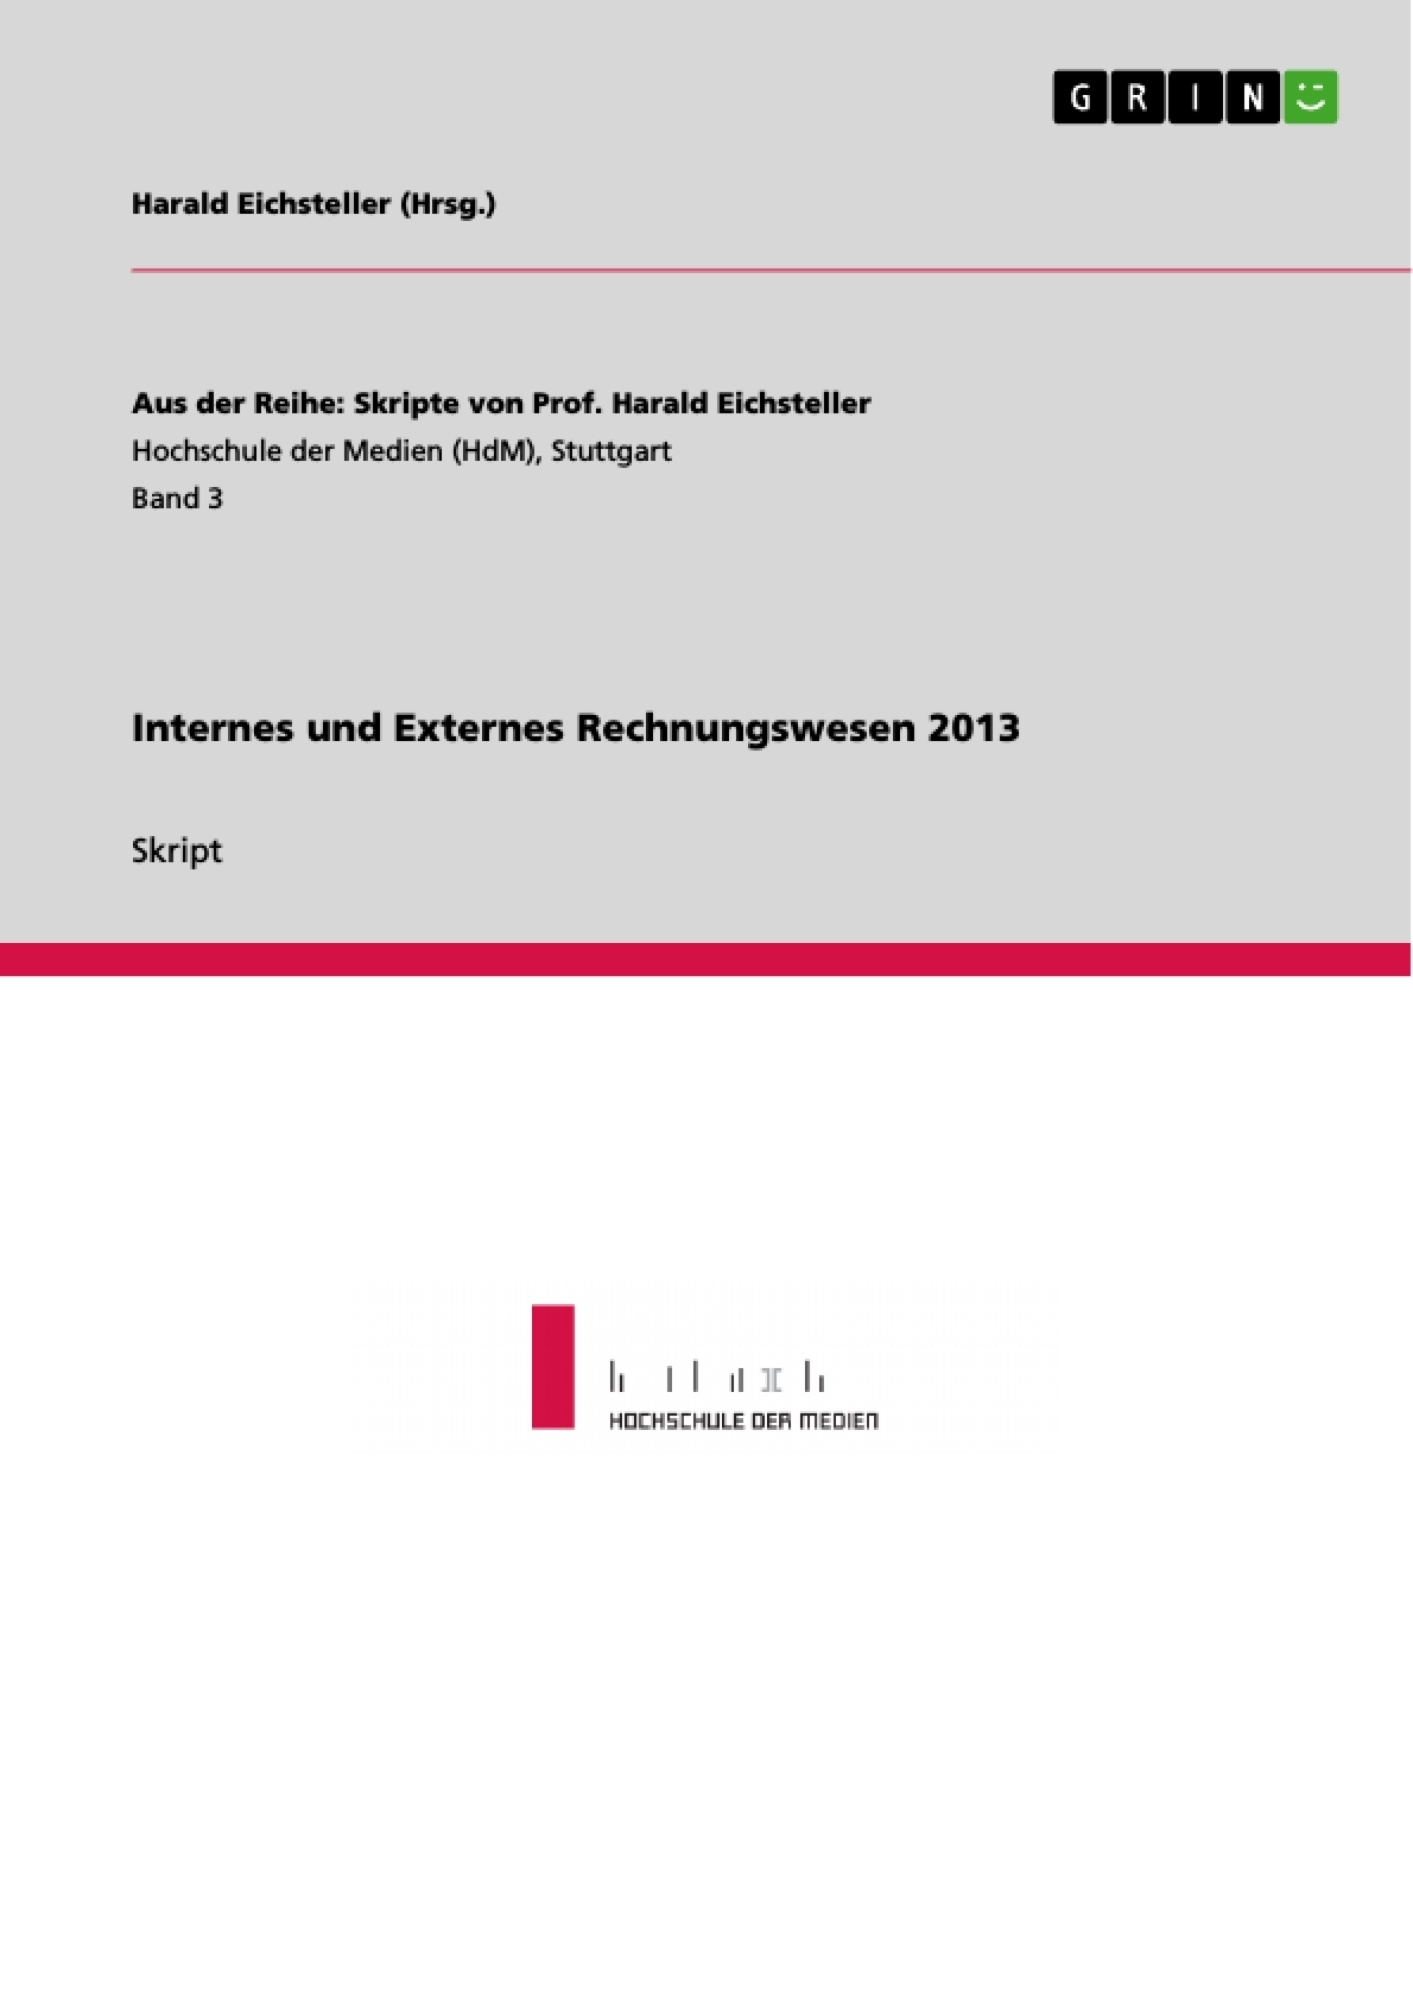 Titel: Internes und Externes Rechnungswesen 2013